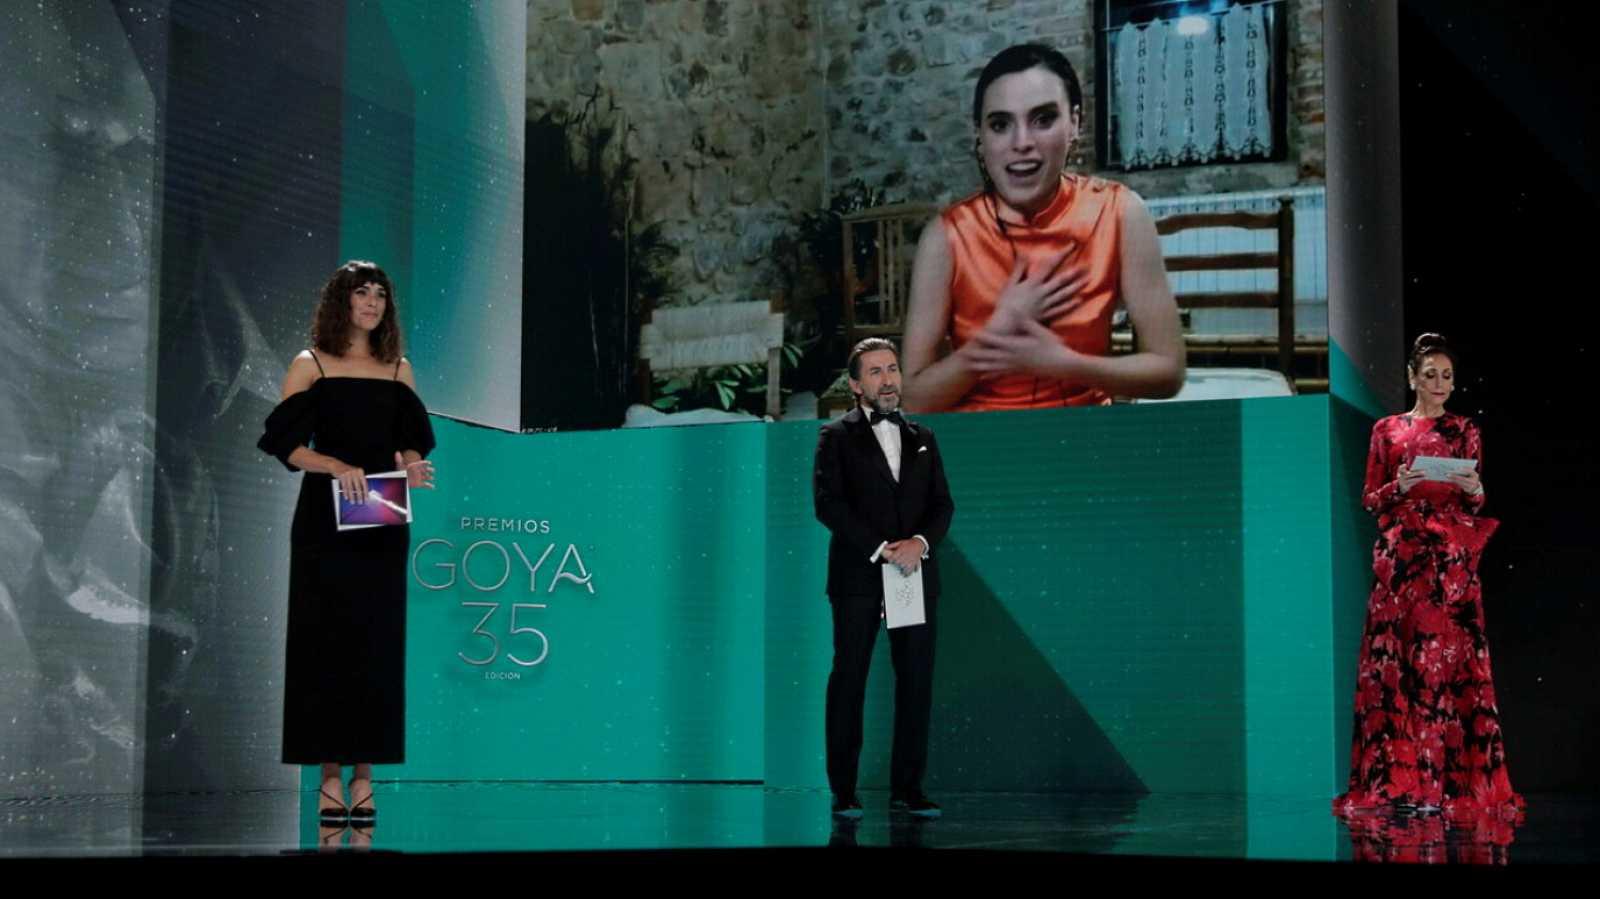 Premios Goya 2021 - Gala de los Premios Goya 2021 - ver ahora